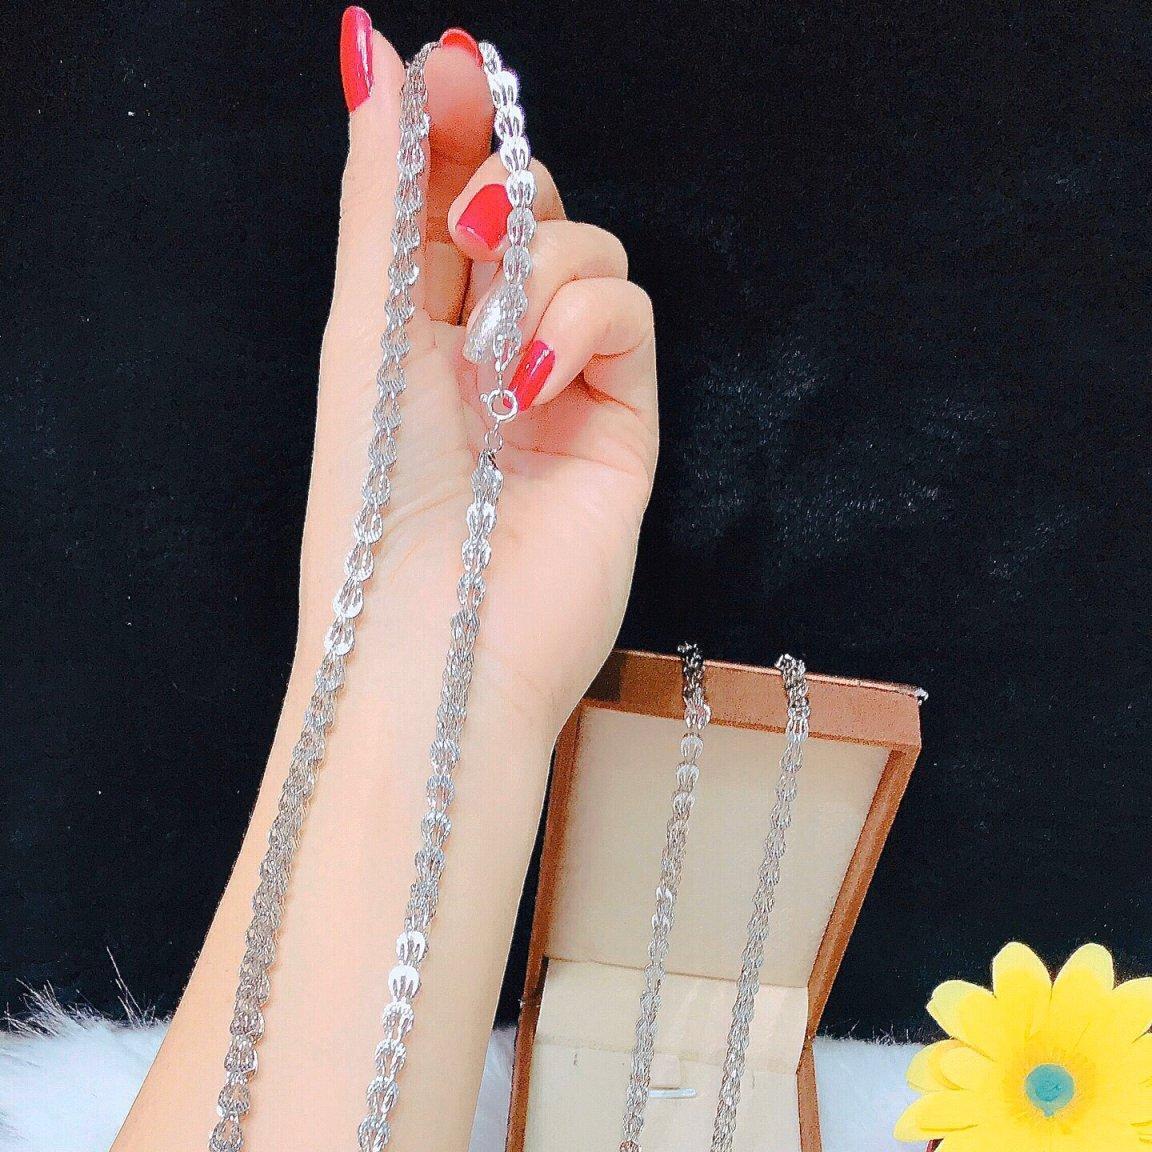 [ SIÊU GIẢM GIÁ ] Dây chuyền bạch kim nữ Minshop KD09012013 - dùng đi tiệc cực kì sang chảnh